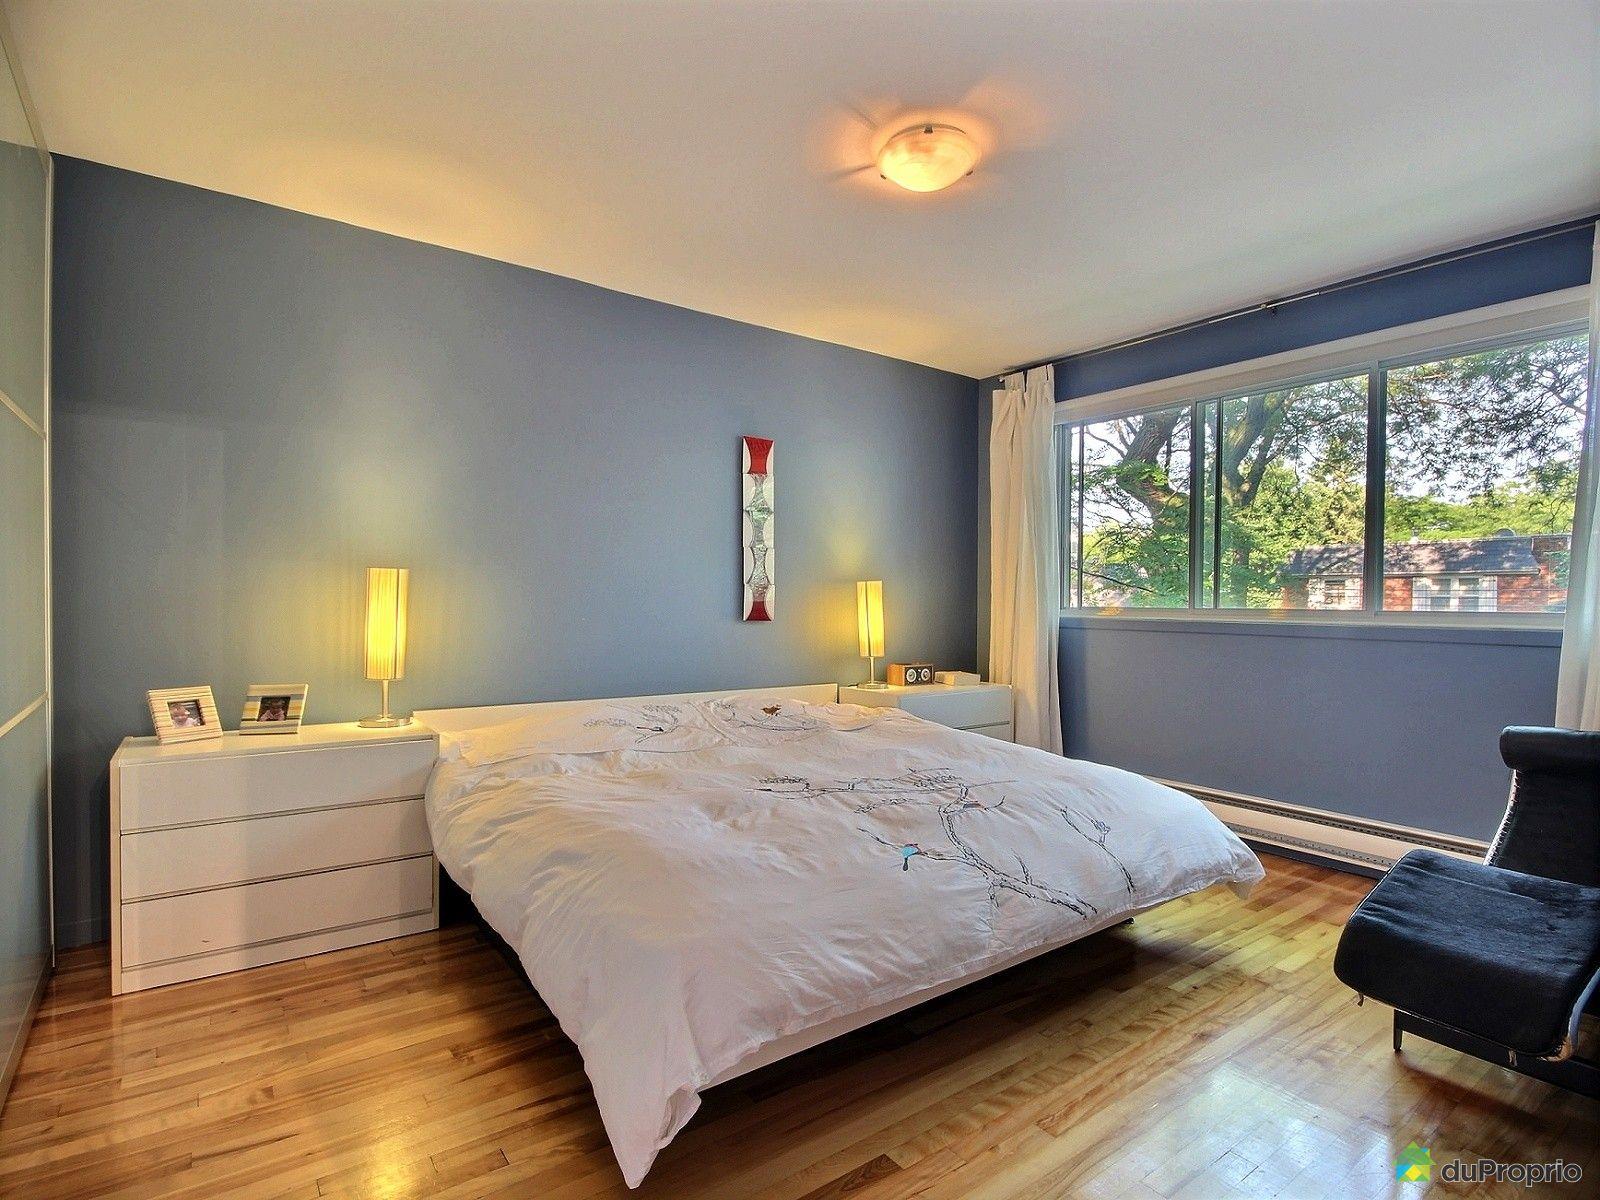 #6F4625 Maison Vendu Montréal Immobilier Québec DuProprio 513303 2399 Petite Chambre Des Maitres 1600x1200 px @ aertt.com